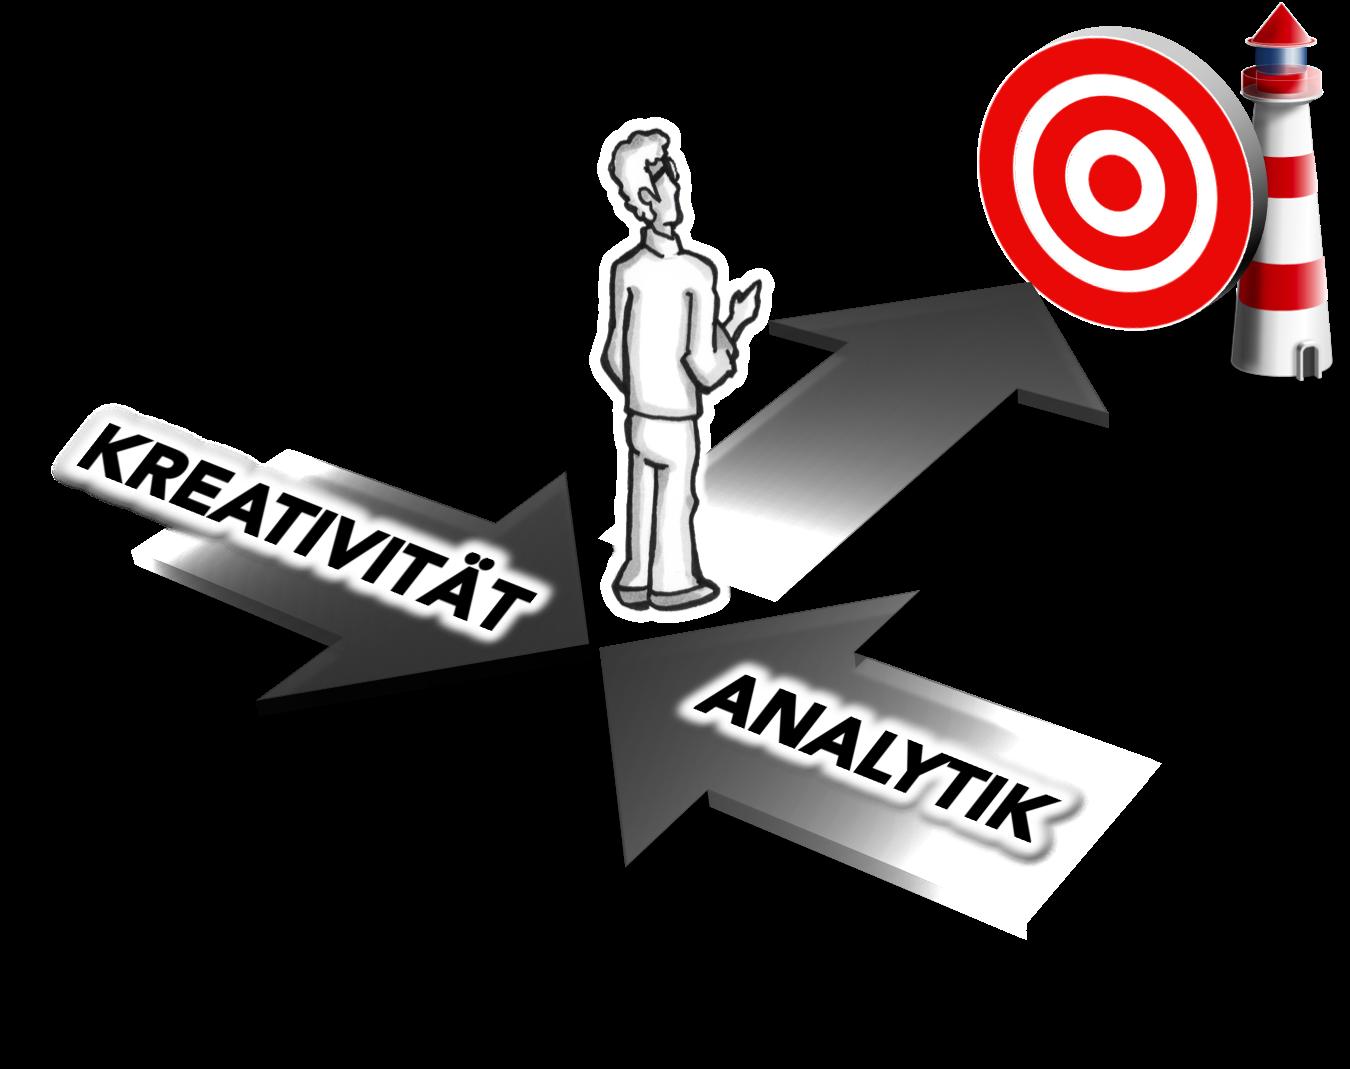 Radikale Innovation Erfordert Kreatives Denken Und Analytisches Denken Wois Innovation